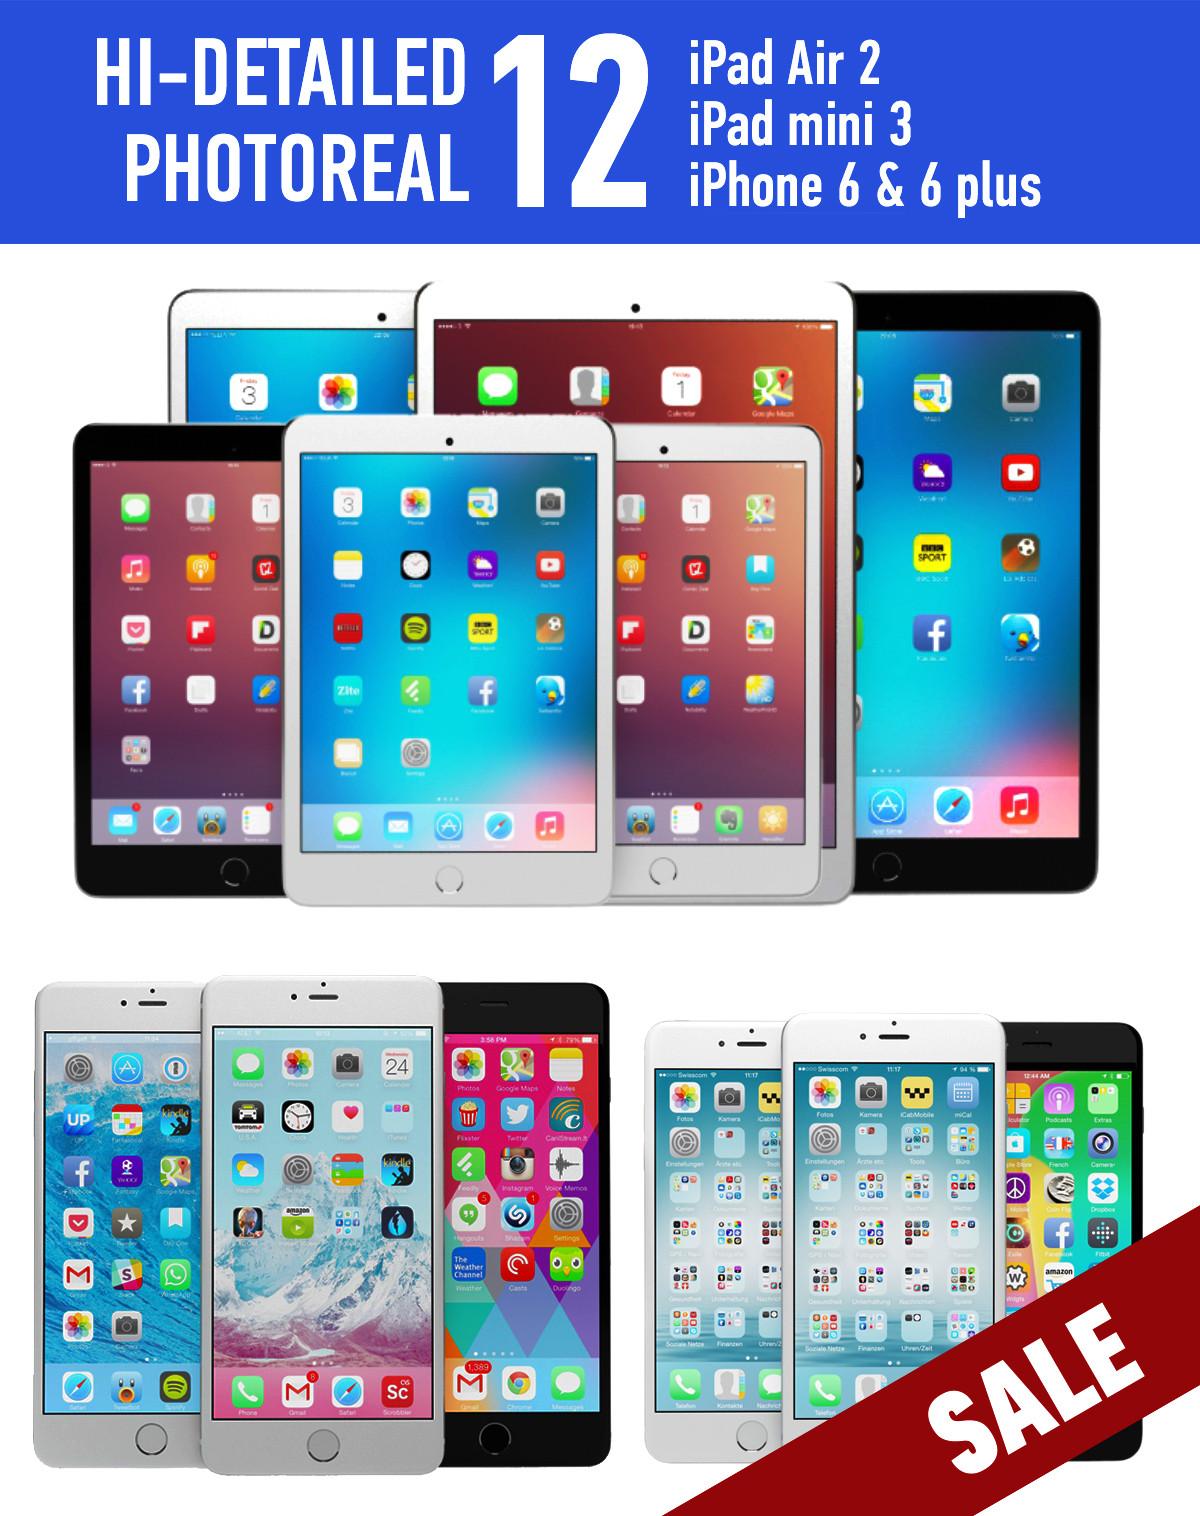 apple_iphones_ipads.jpg